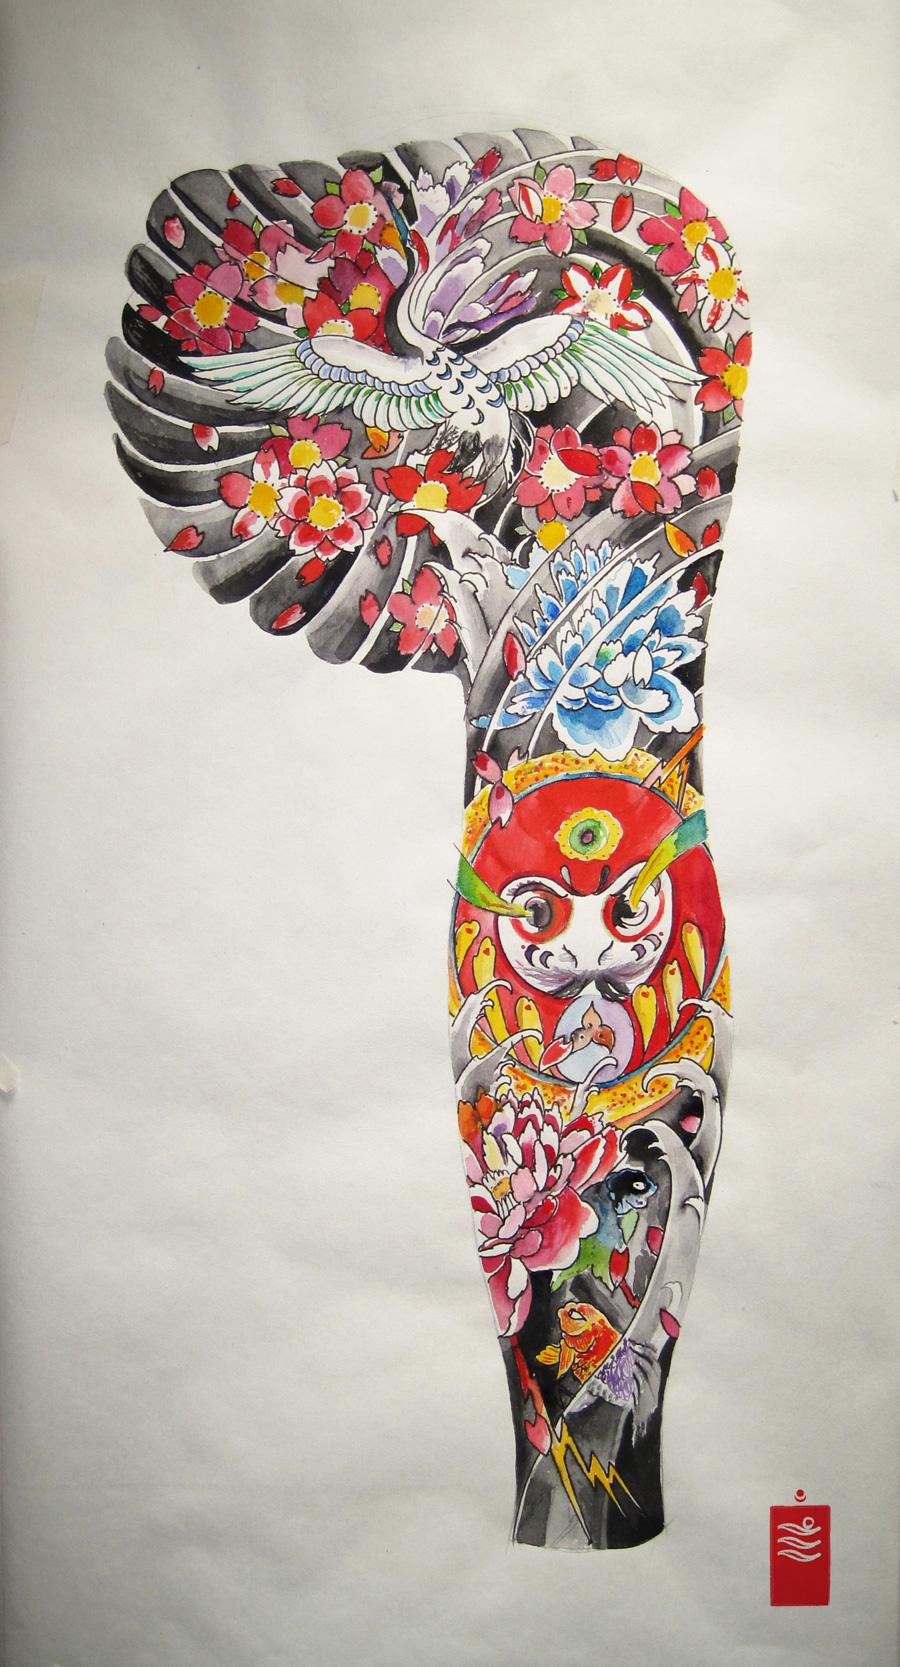 Japanese Tattoo HD Wallpaper Tattoobitecom 900x1667